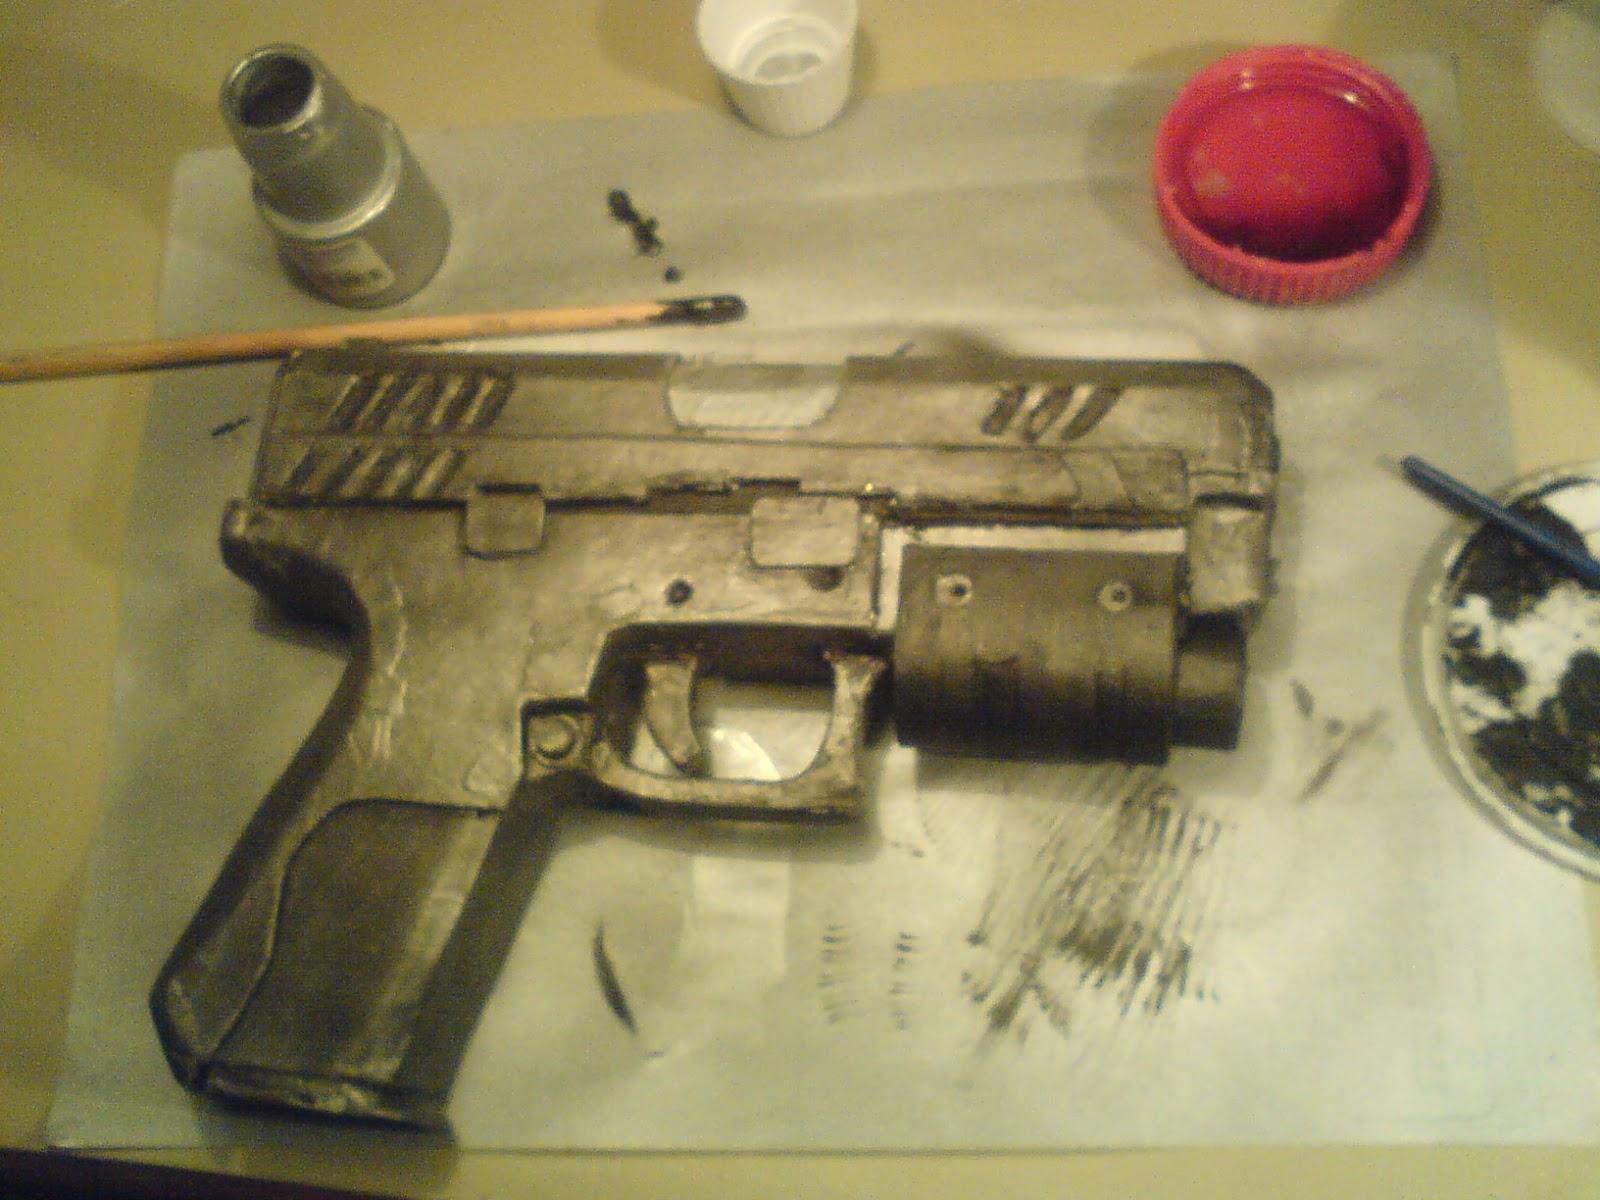 Pistola Blacktail - Resident Evil DSC04492